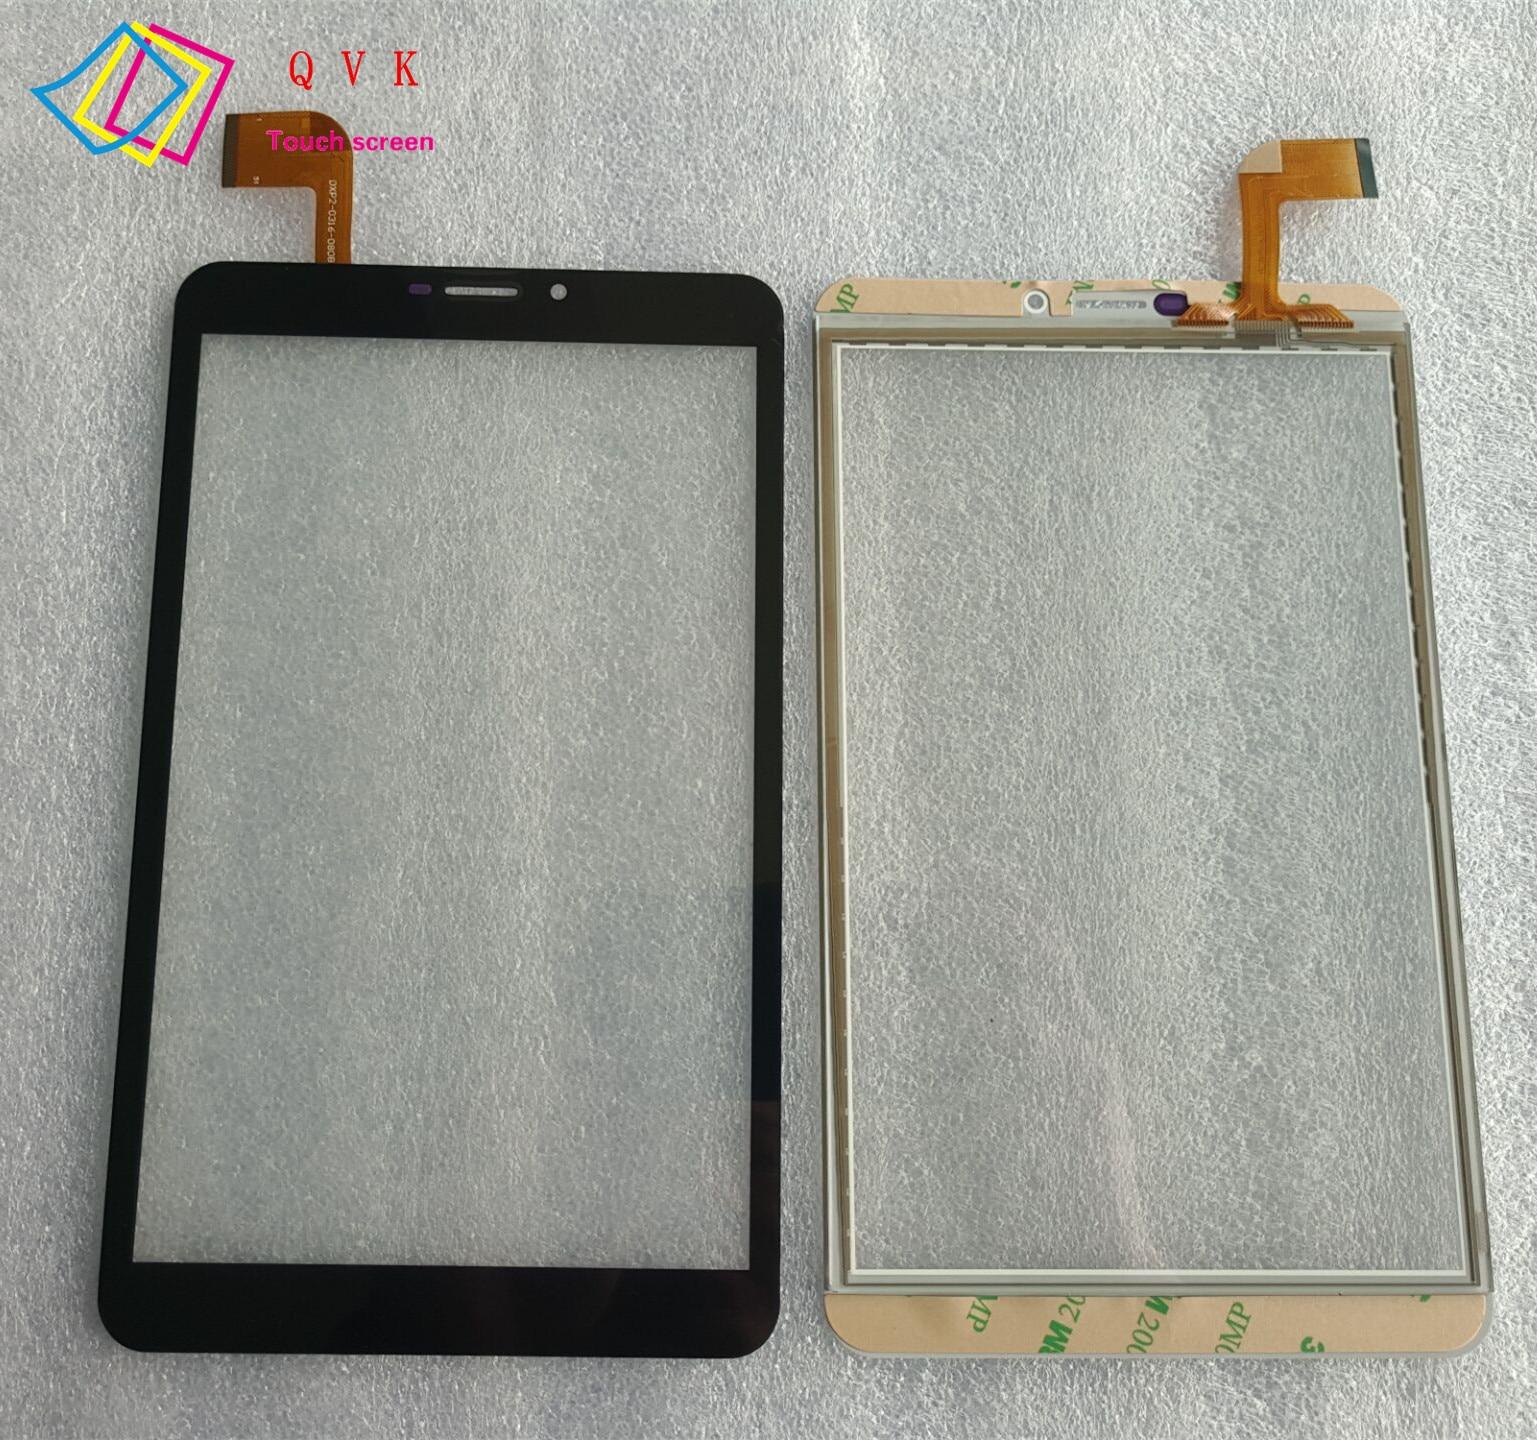 Noir 8 pouces pour Irbis TZ877 TZ 877 TZ877t tablette pc capacitif écran tactile verre numériseur panneau livraison gratuite